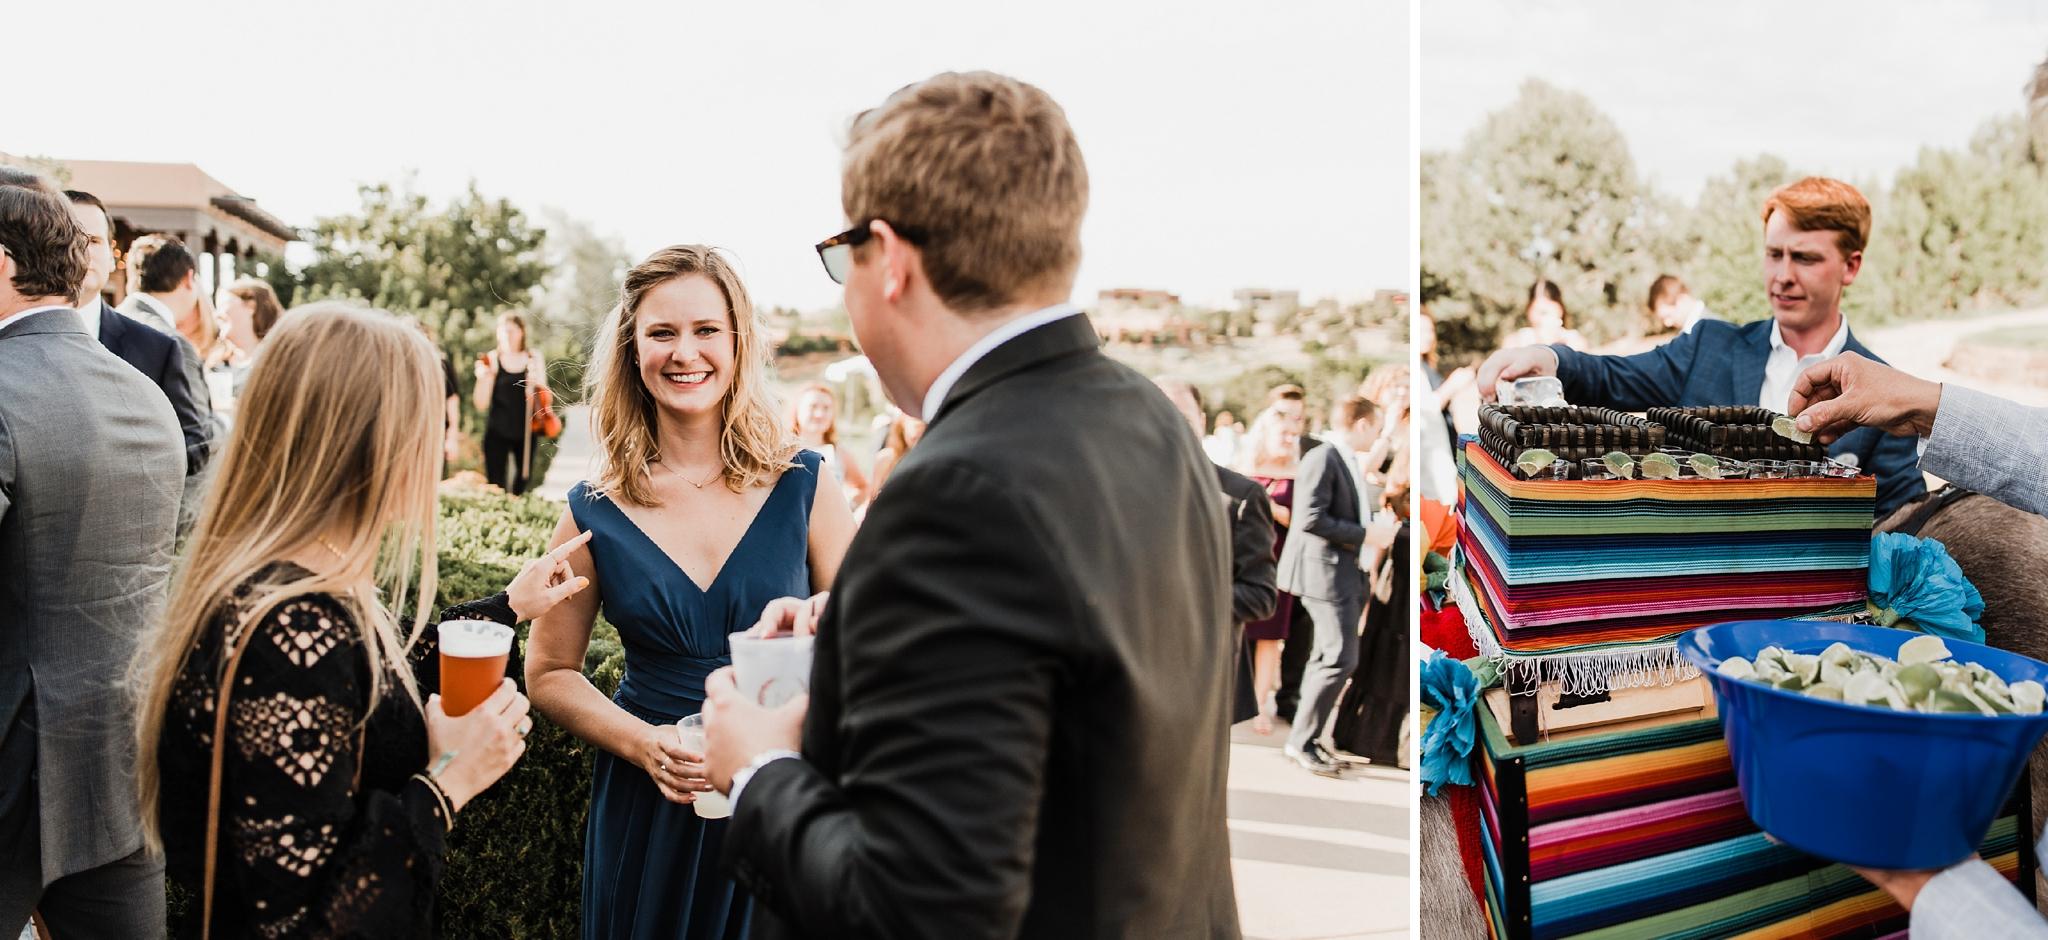 Alicia+lucia+photography+-+albuquerque+wedding+photographer+-+santa+fe+wedding+photography+-+new+mexico+wedding+photographer+-+new+mexico+wedding+-+las+campanas+wedding+-+santa+fe+wedding+-+maximalist+wedding+-+destination+wedding_0138.jpg